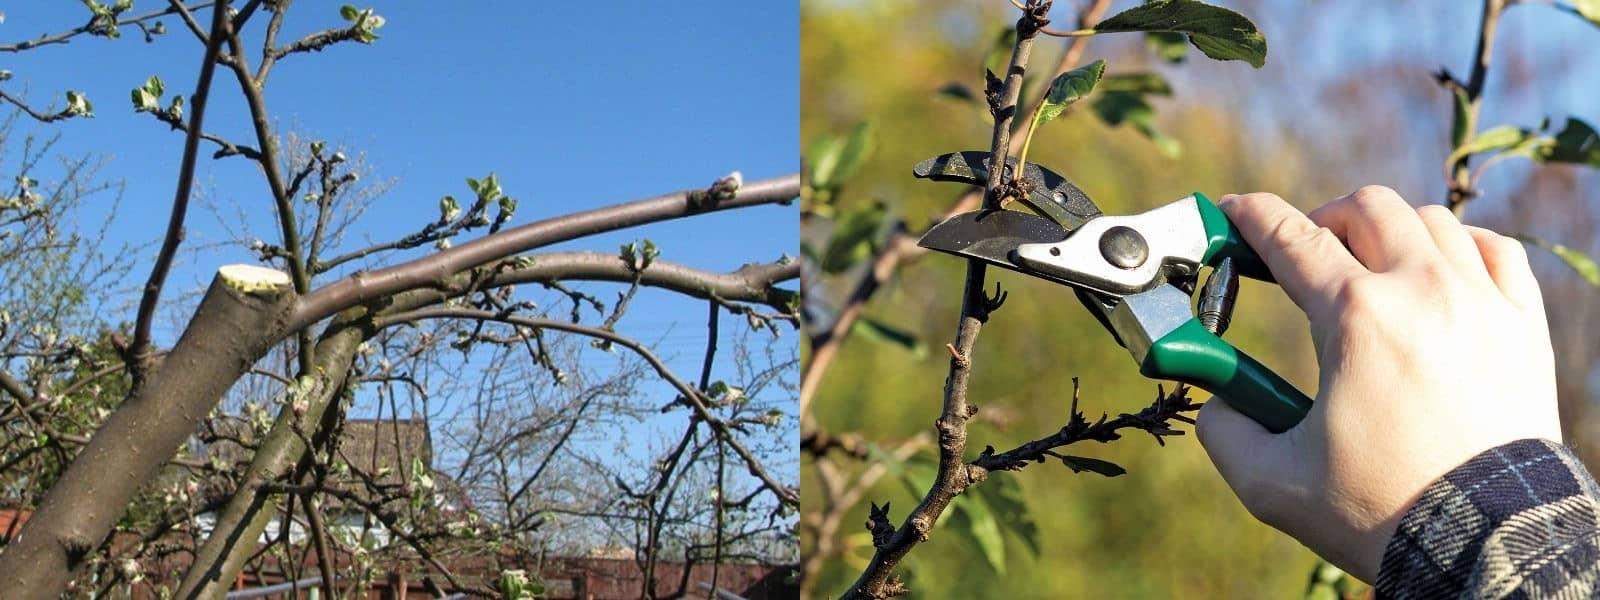 Як правильно обрізати яблуню весною, щоб вона добре плодоносила?